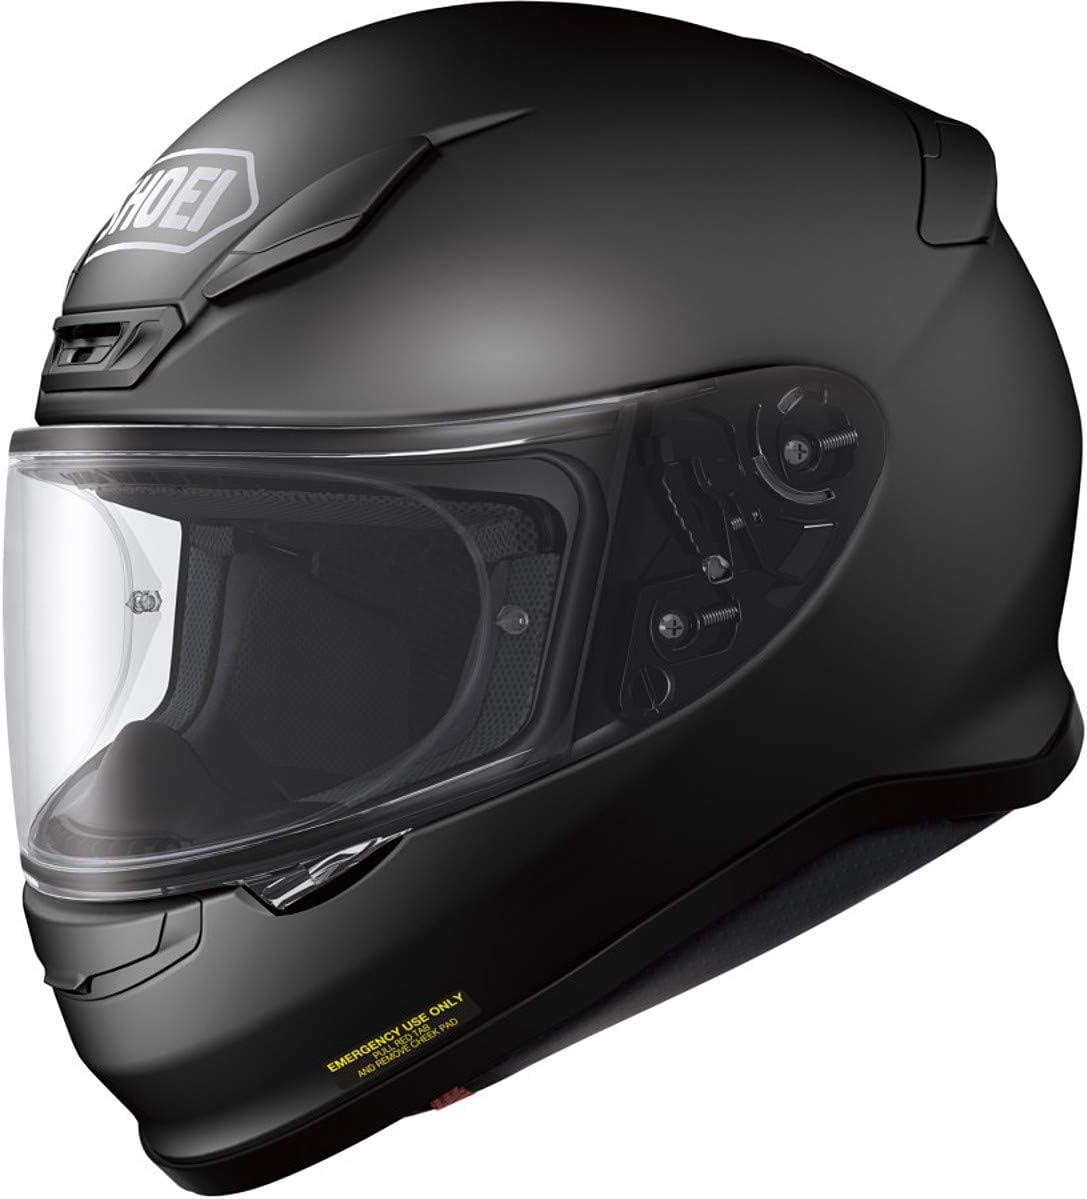 Shoei Men's Rf-1200 Full Face Motorcycle Helmet (Large, Matte Black)